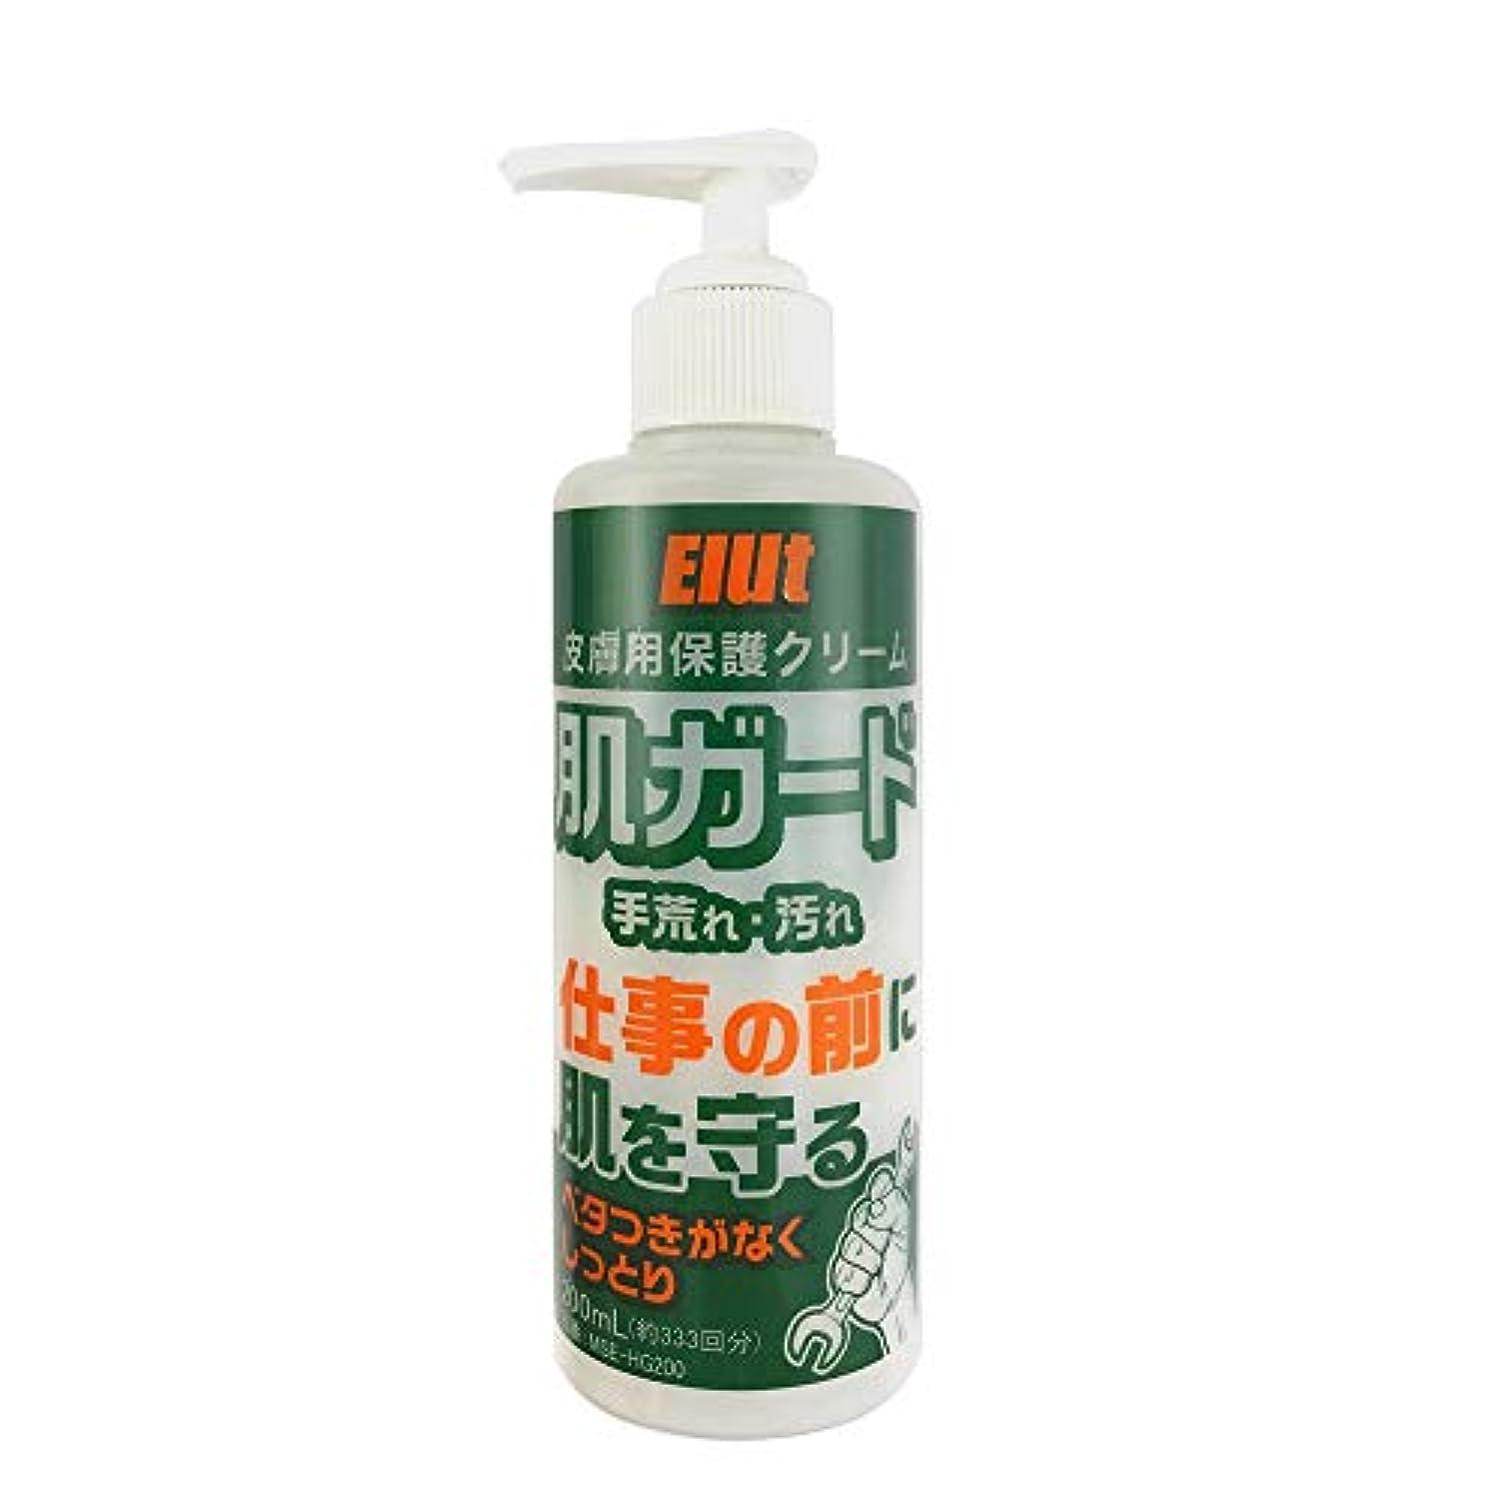 兄弟愛寝具サイレント皮膚要保護クリーム 肌ガード 200ml Elut エルト/手の汚れ落とし、手の臭い落とし、手荒れ予防に効果的面! 臭いなし、ベタつきなしでとても使いやすいです。